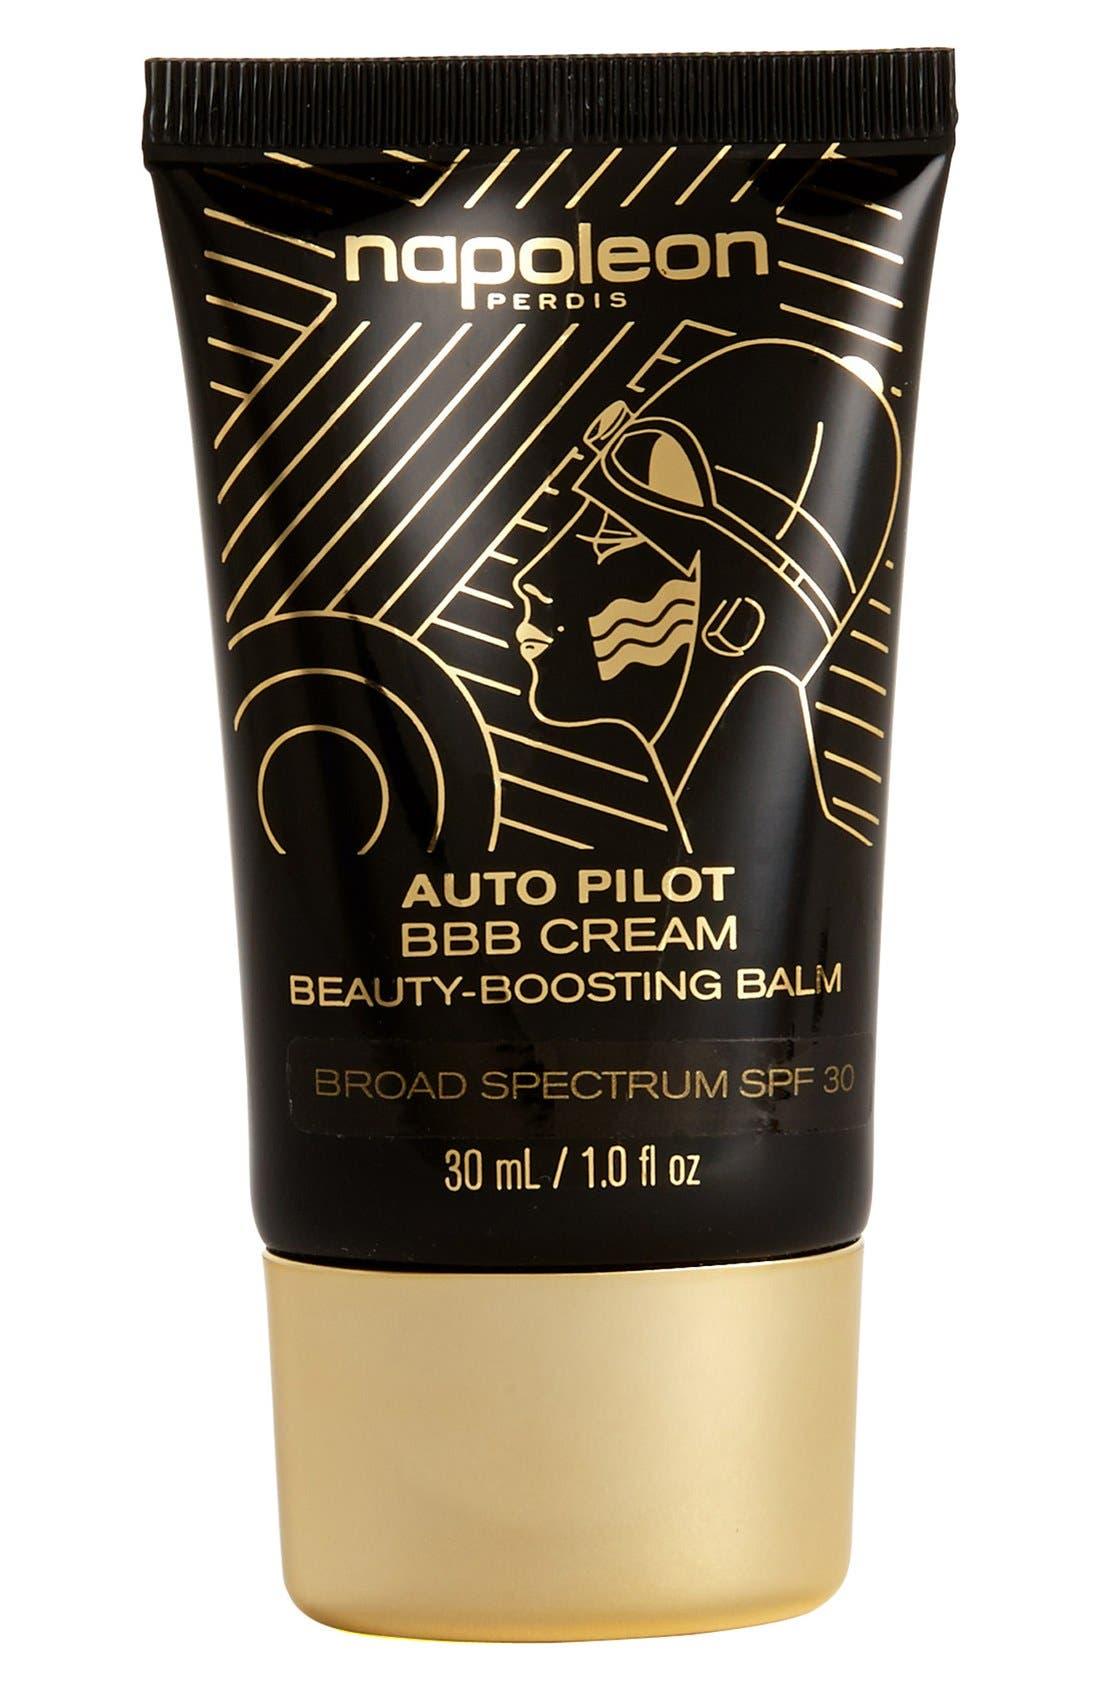 NAPOLEON PERDIS,                             'Auto Pilot' BBB Cream Broad Spectrum SPF 30,                             Main thumbnail 1, color,                             250